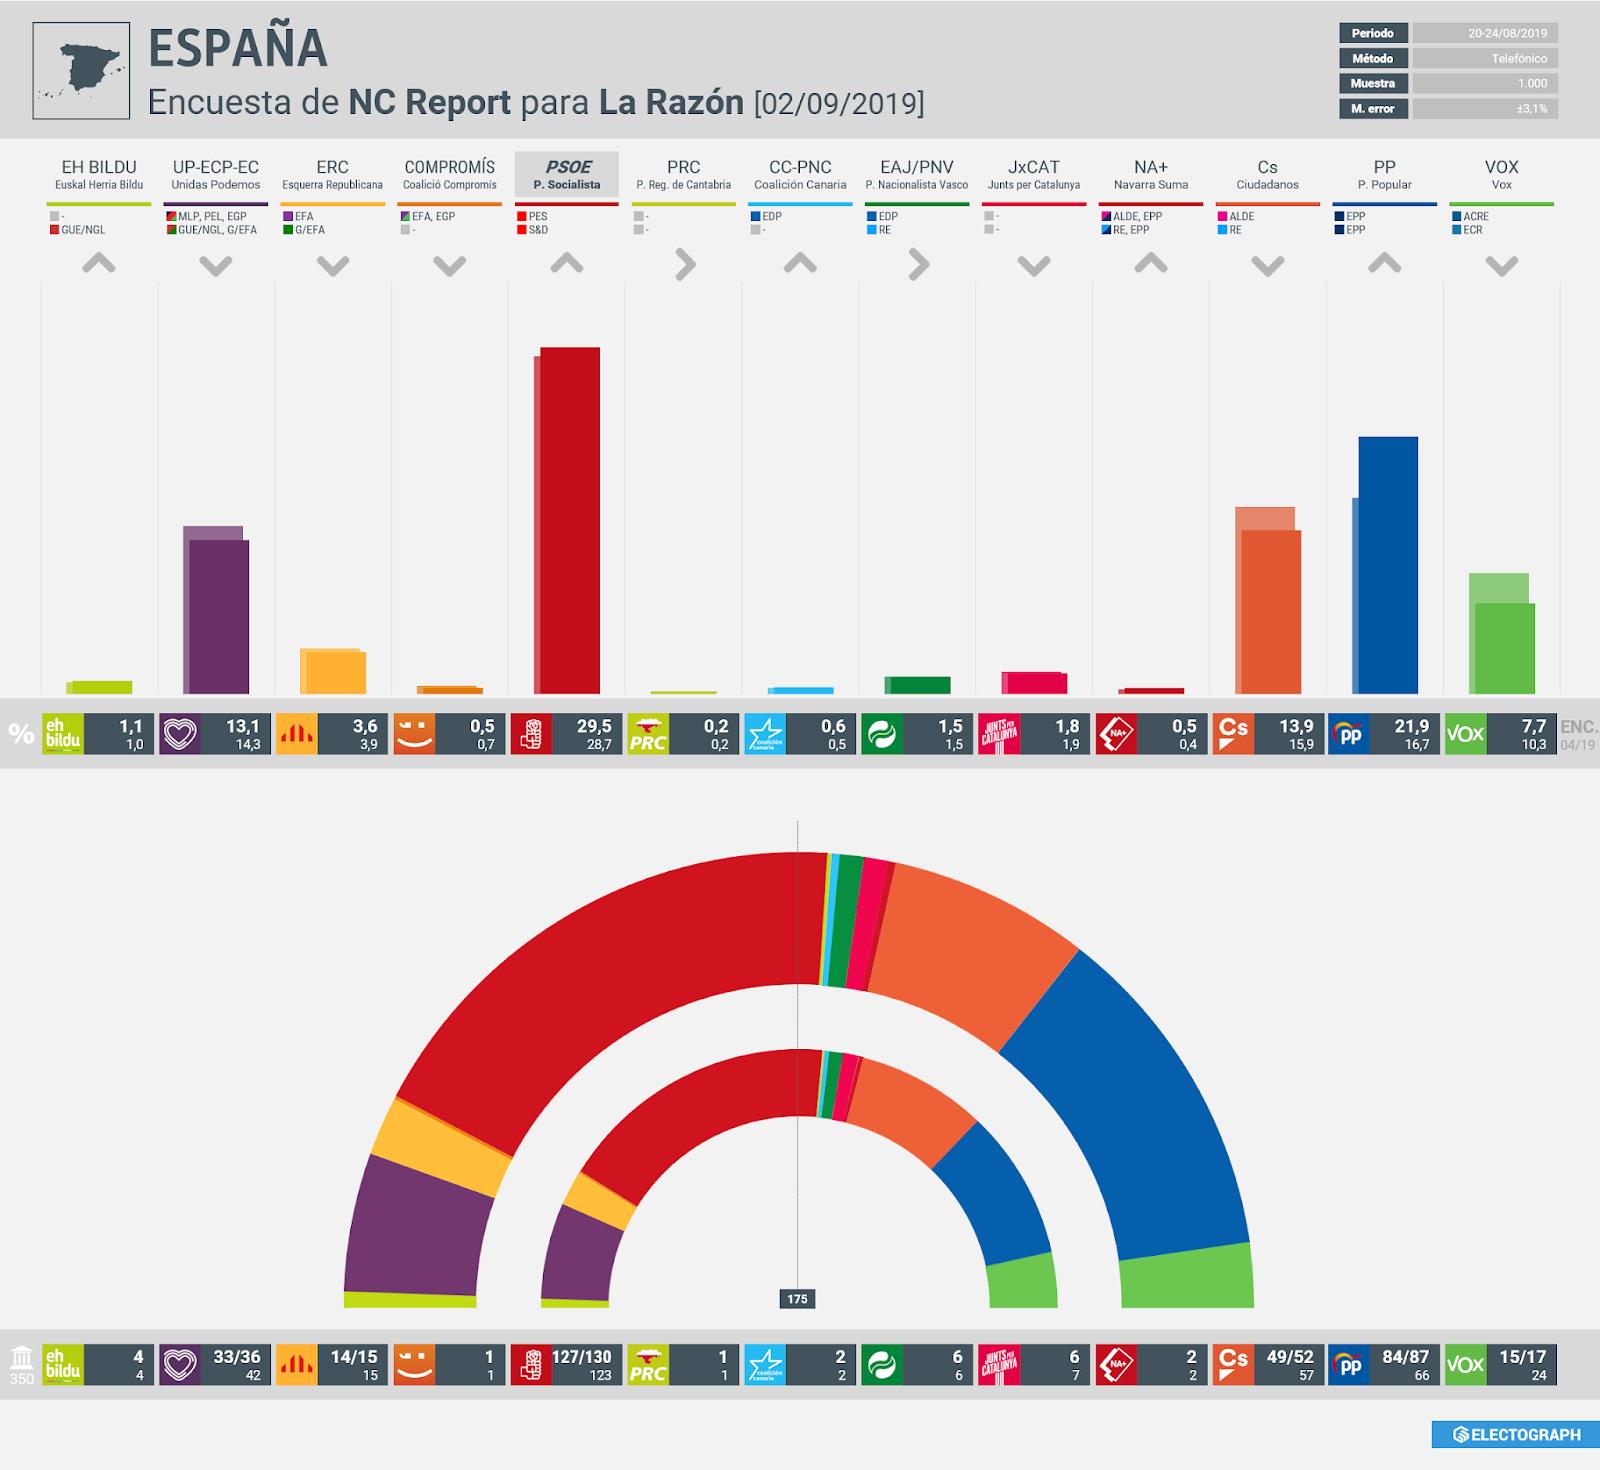 Gráfico de la encuesta para elecciones generales en España realizada por NC Report para La Razón, 2 de septiembre de 2019